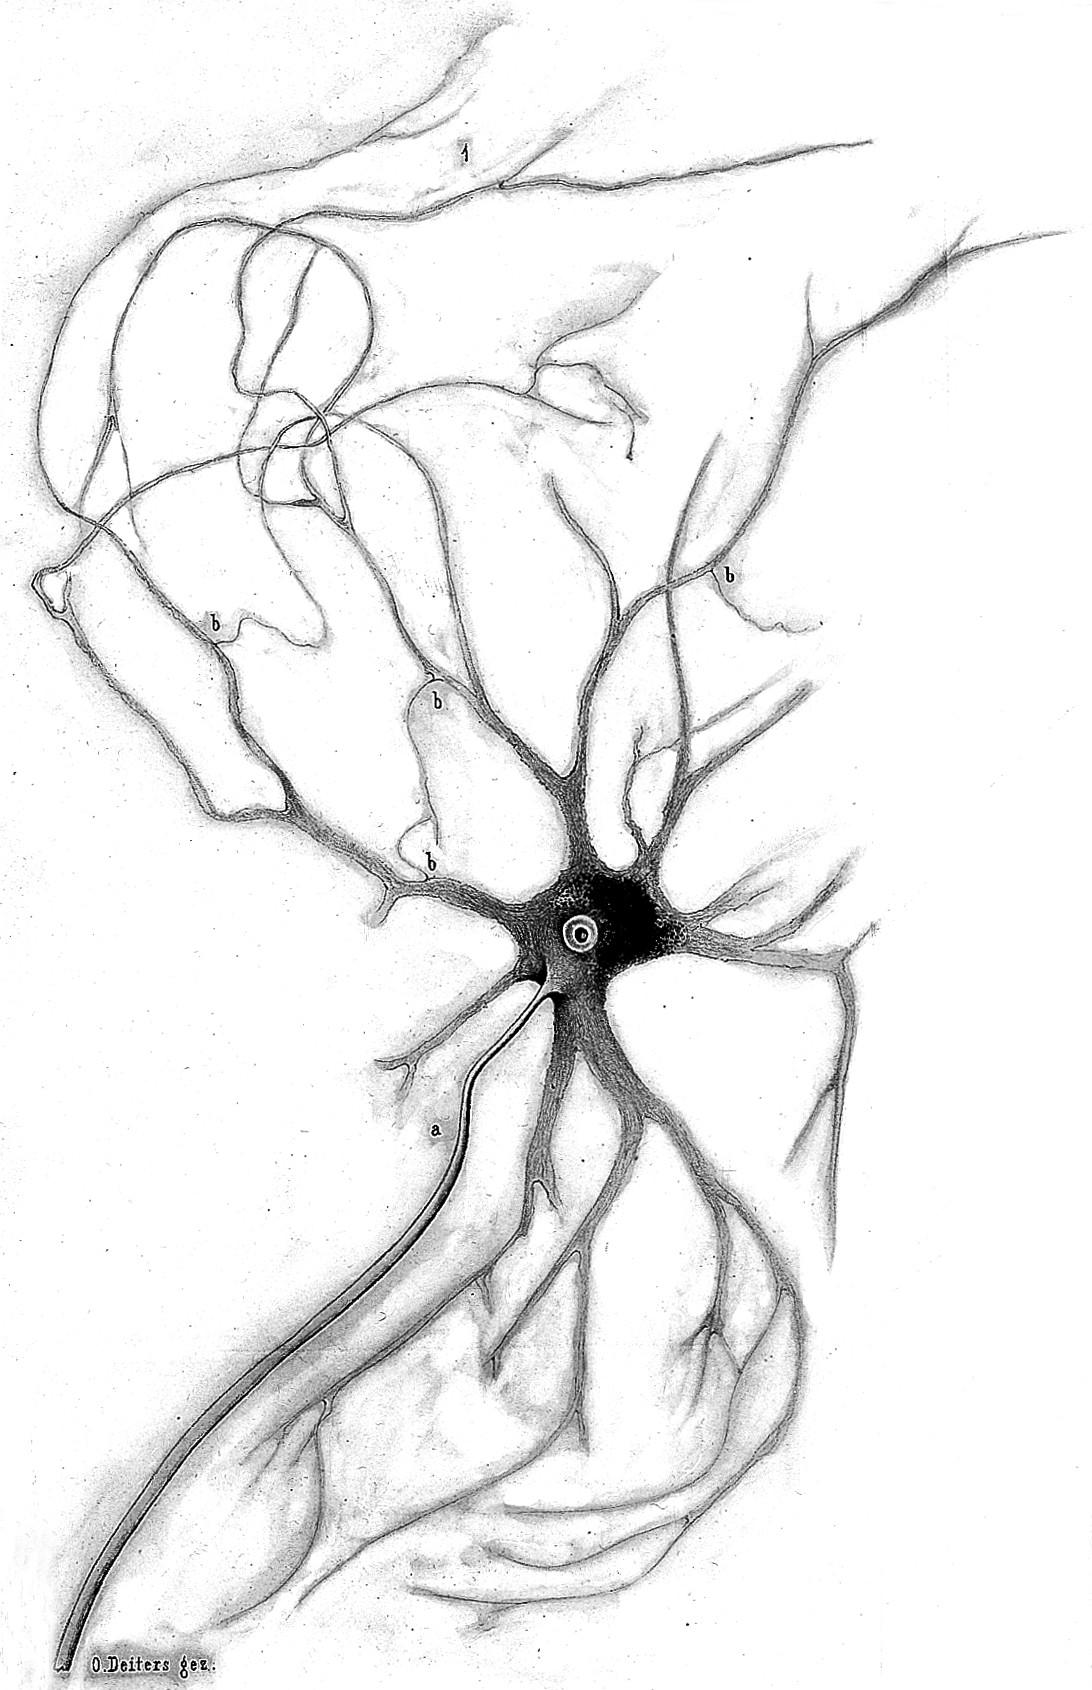 Spinal Cord Drawing At Getdrawings